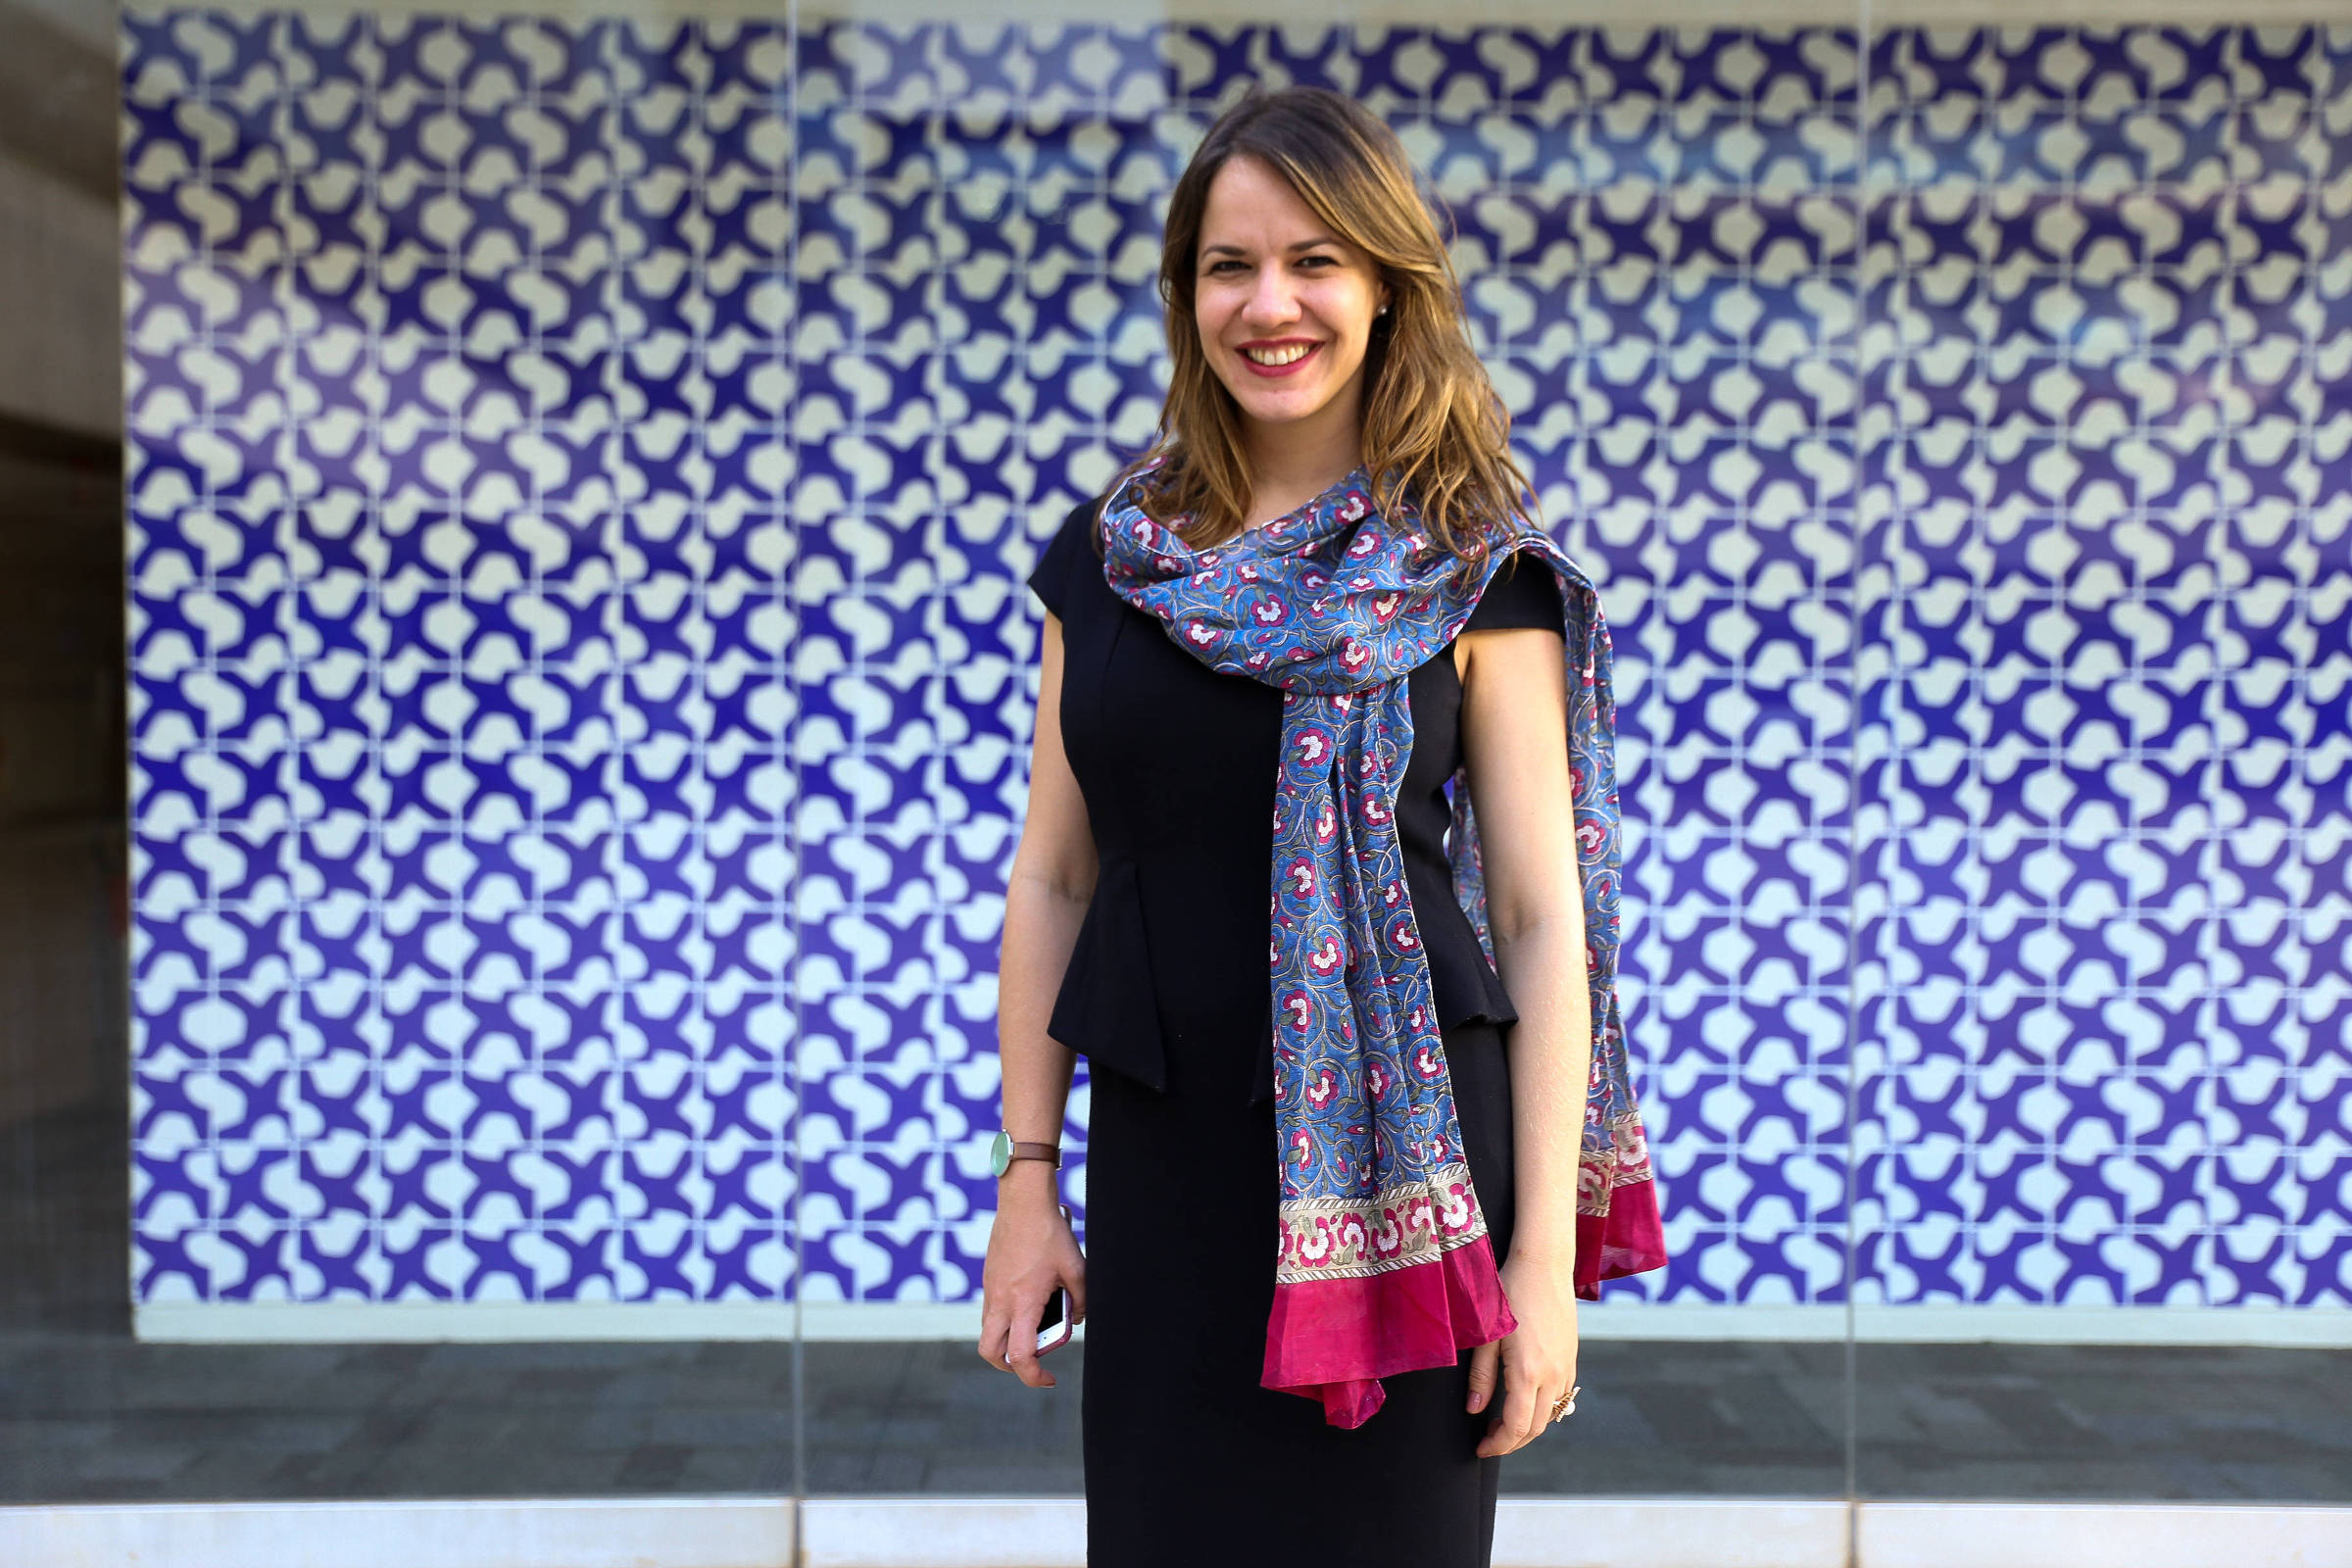 Metade entre empreendedores brasileiros, mulheres ainda são minoria em startups